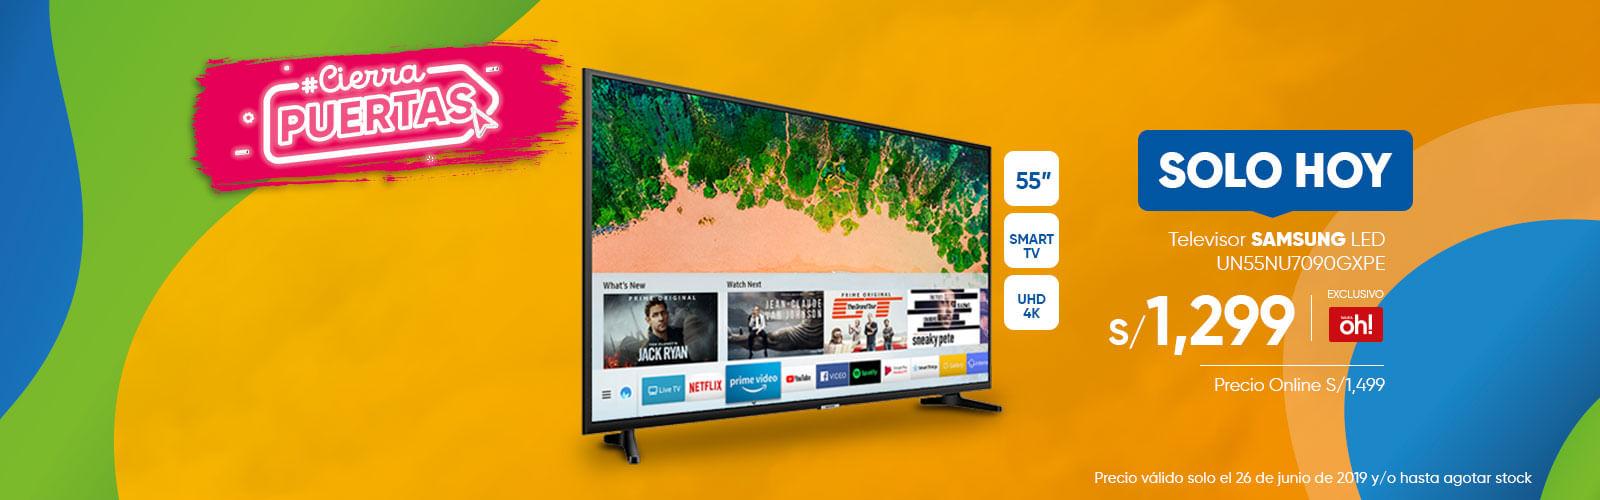 Televisor SAMSUNG LED UN55NU7090GXPE